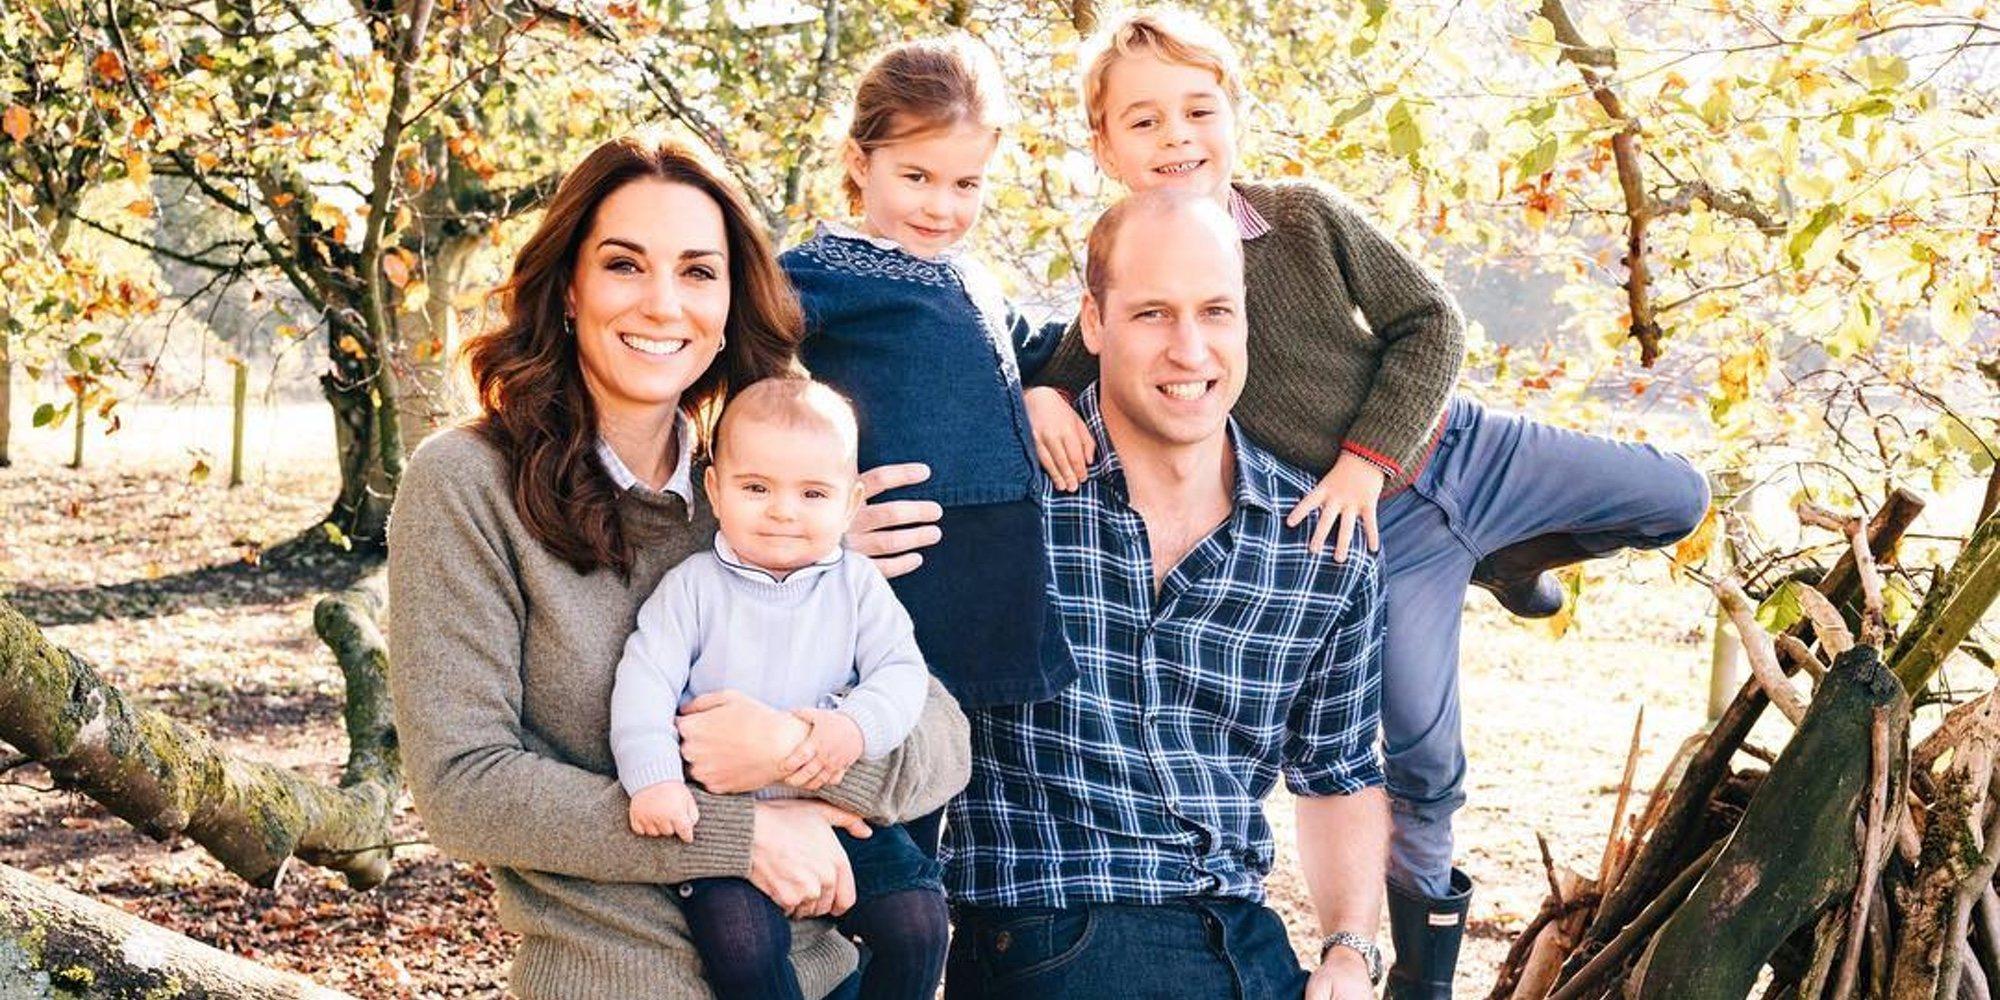 El adorable posado del Príncipe Guillermo y Kate Middleton con sus hijos Jorge, Carlota y Luis para felicitar la Navidad 2018